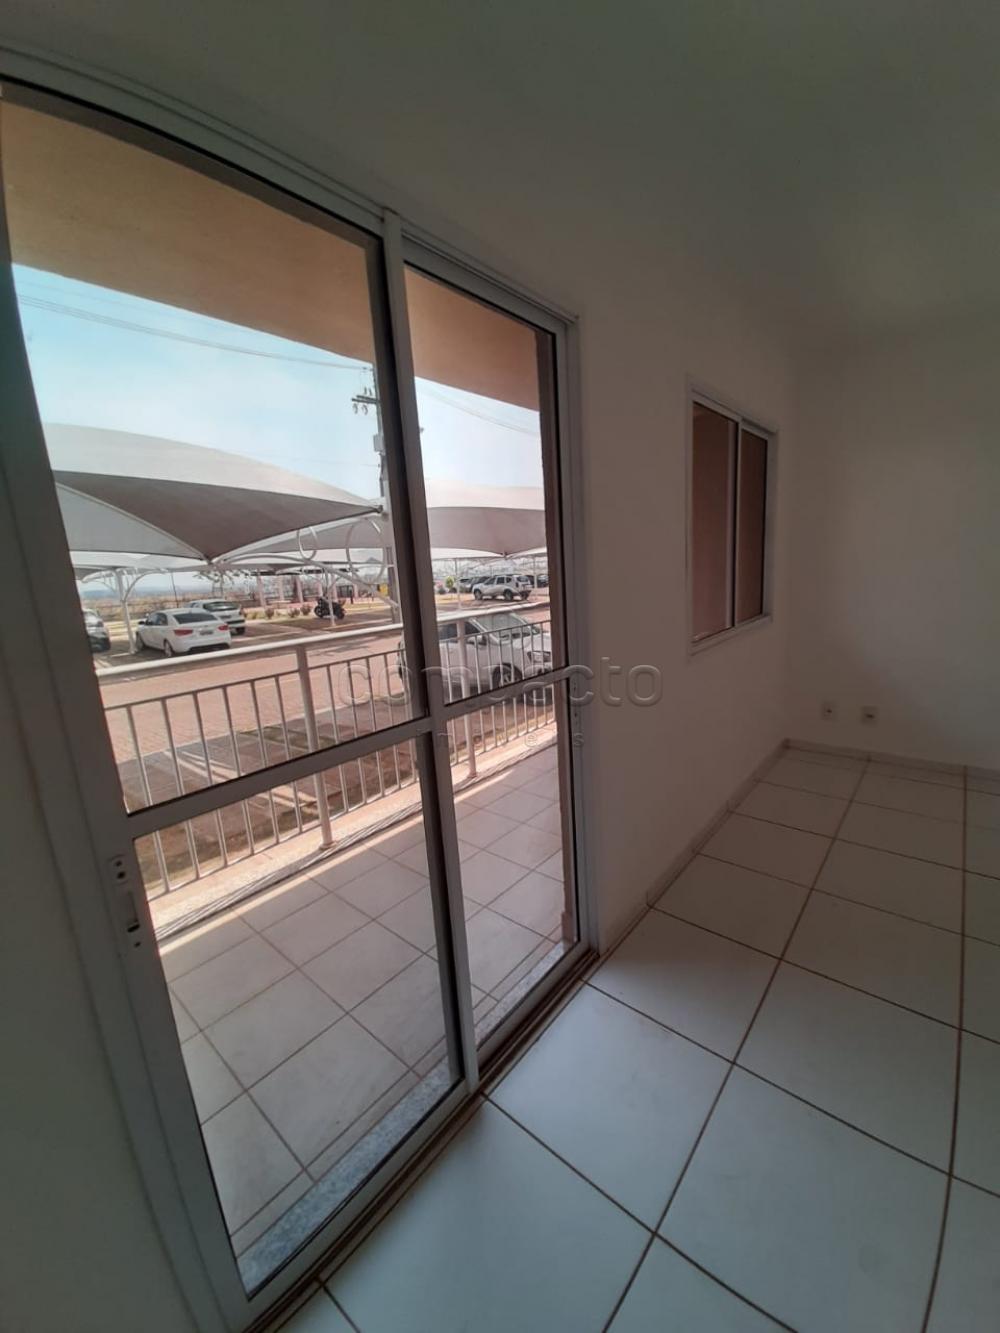 Alugar Apartamento / Padrão em São José do Rio Preto apenas R$ 1.150,00 - Foto 7